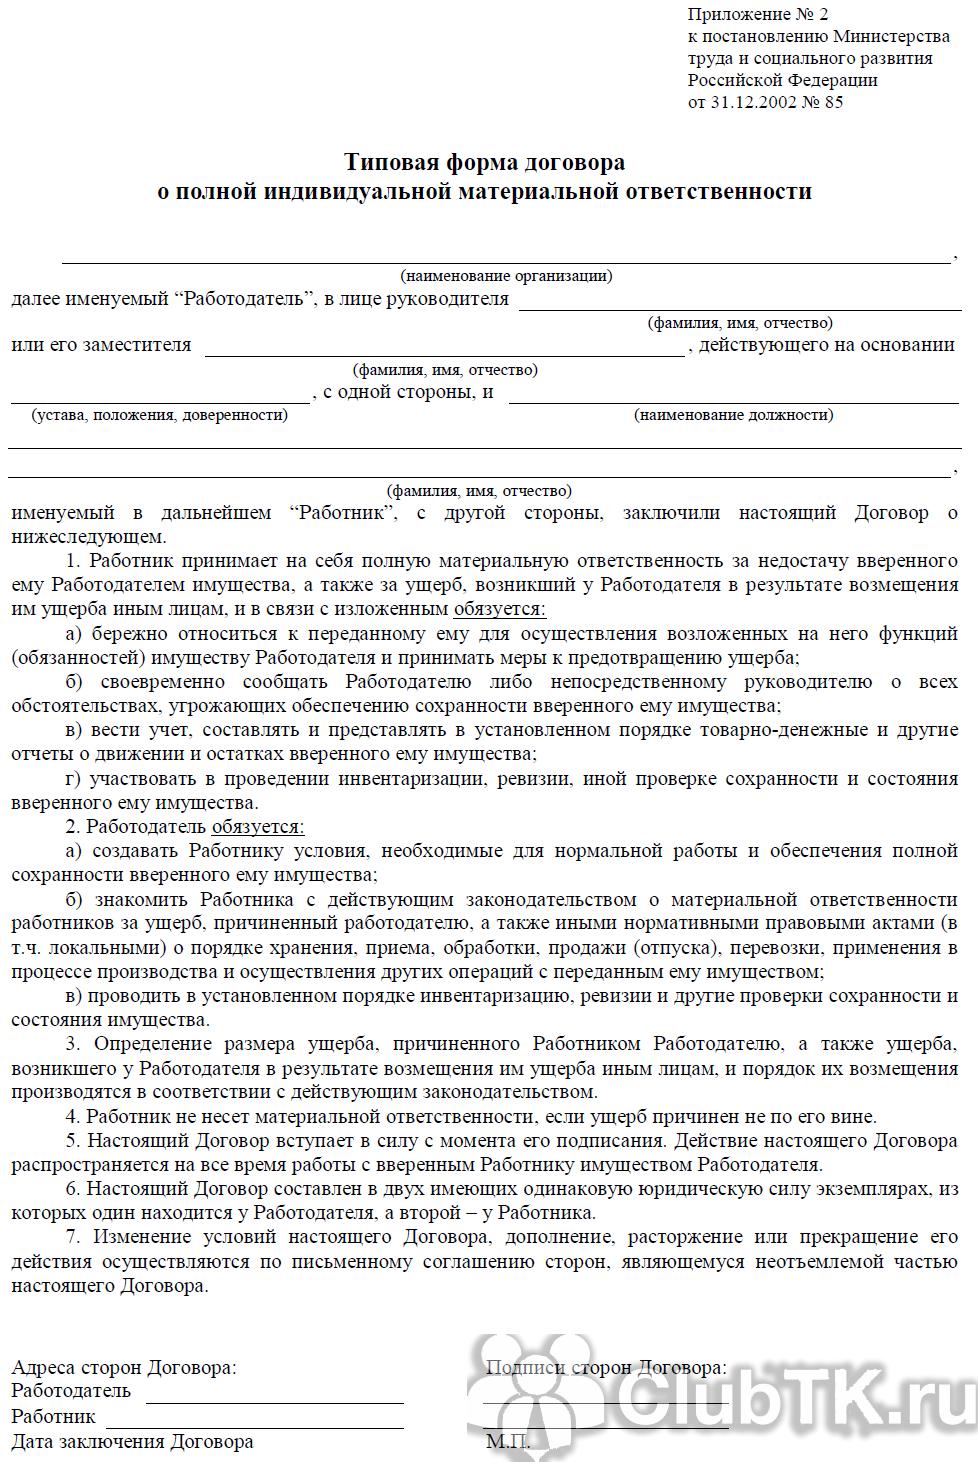 Скачать бесплатно образец трудового договора с грузчиком